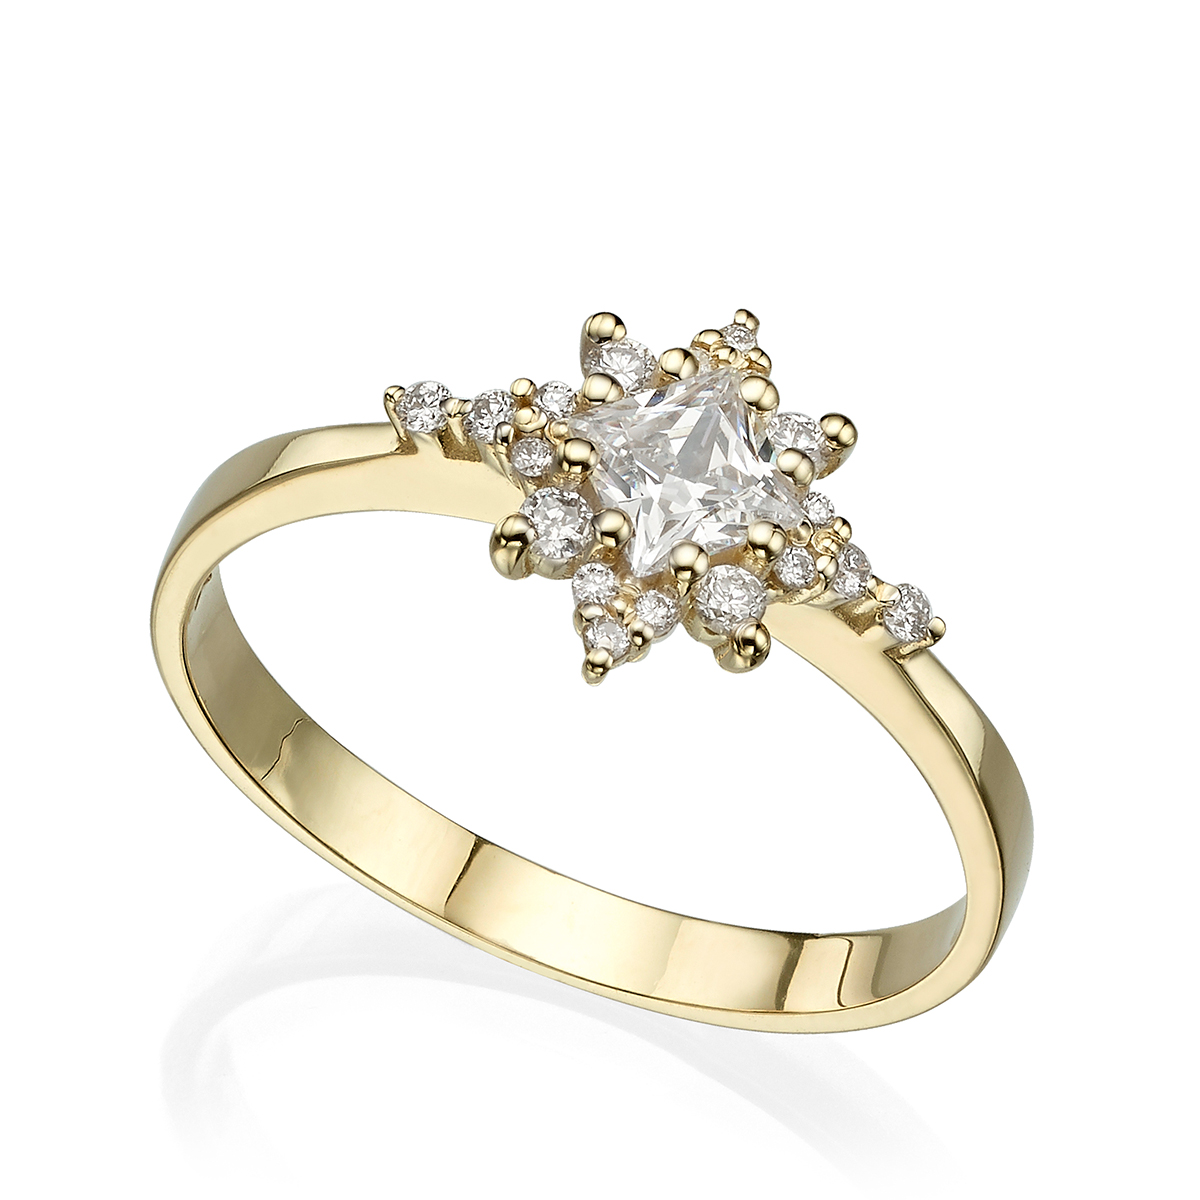 טבעת כוכב יהלומים עם יהלום פריננס מרכזי